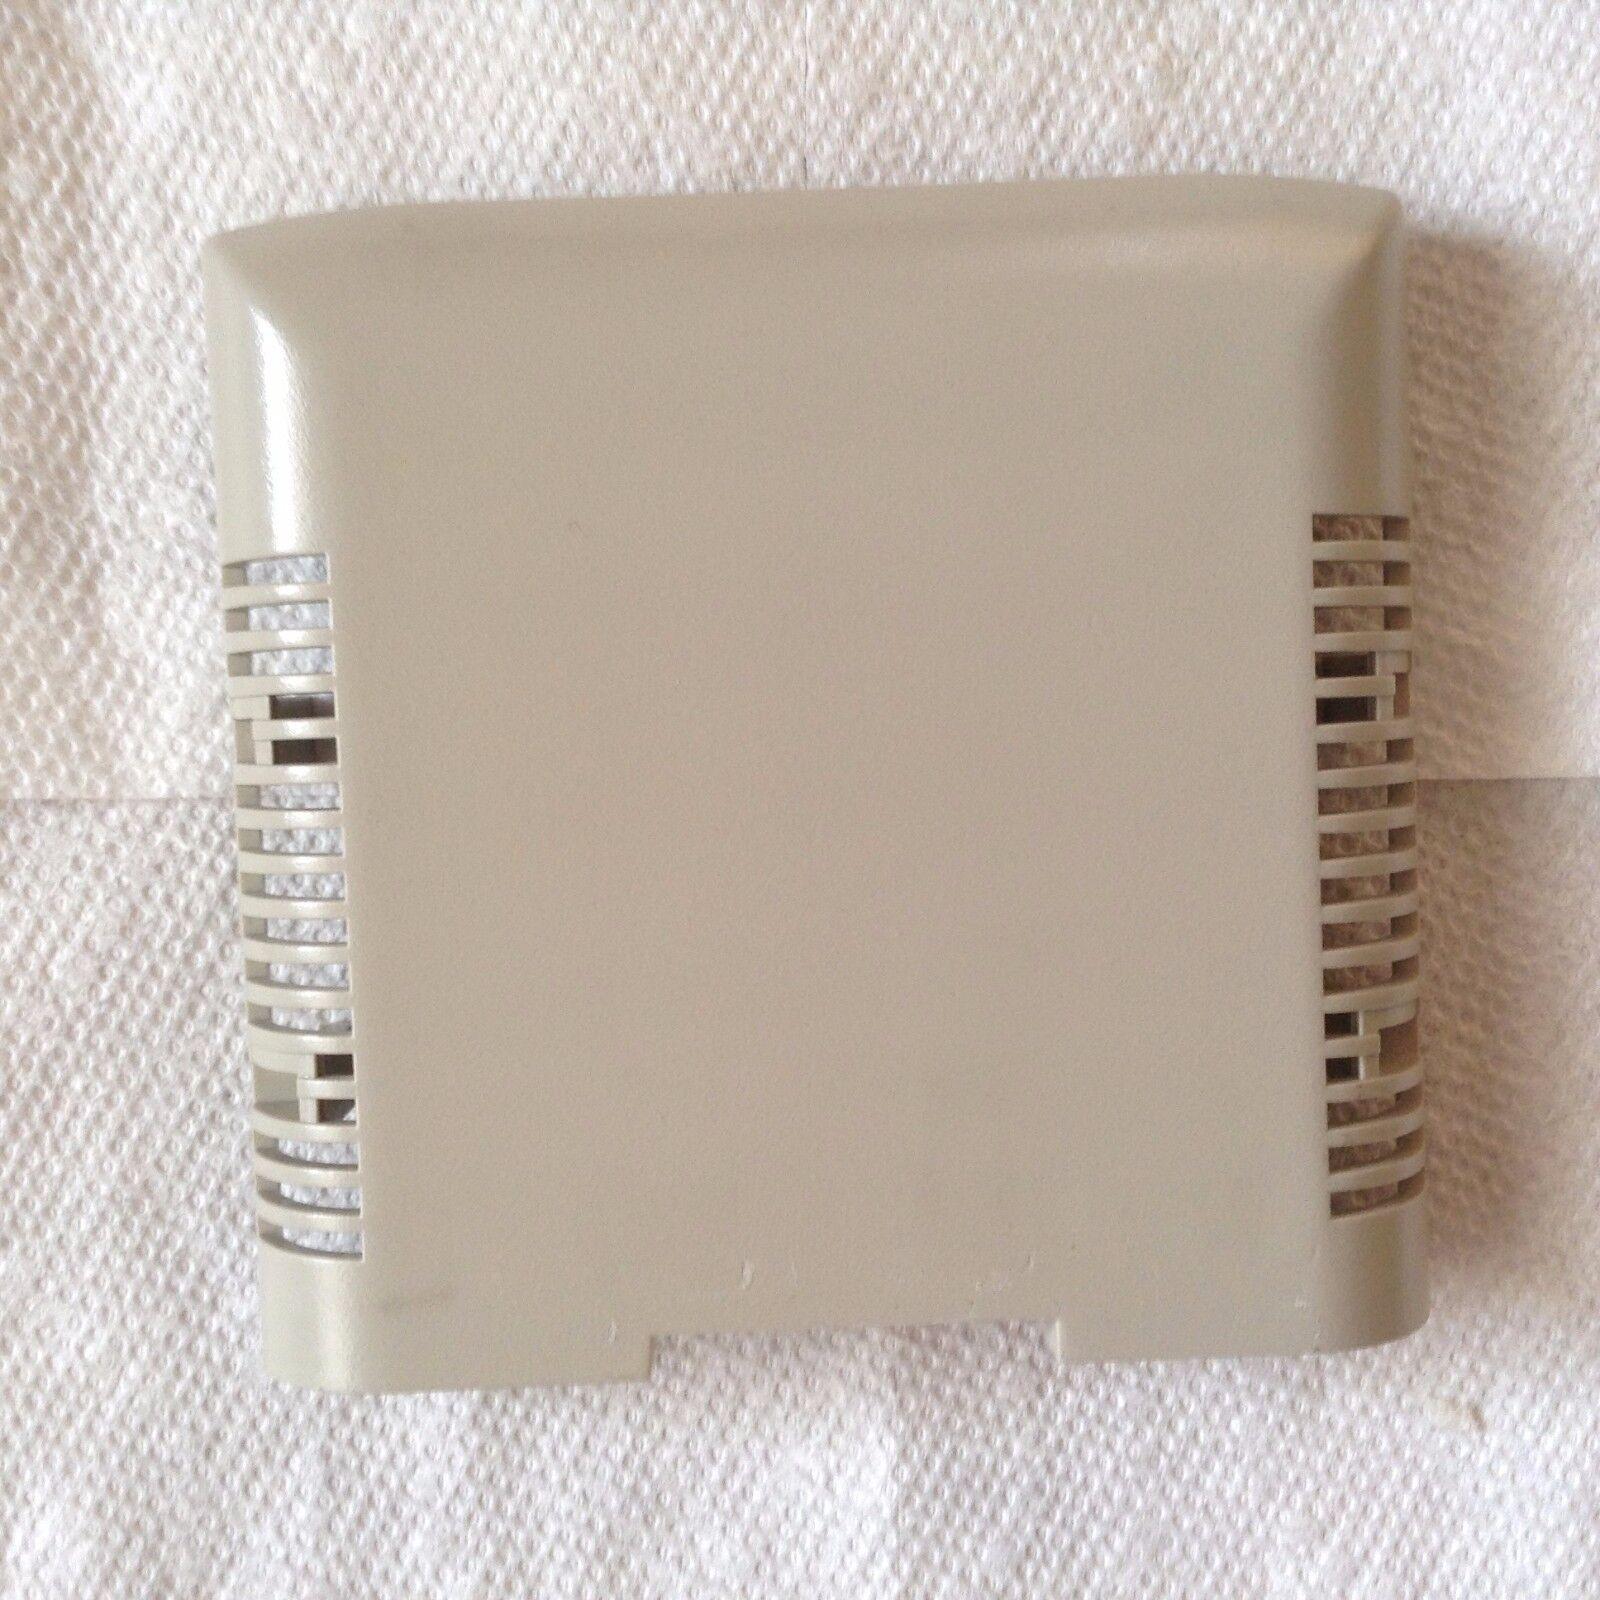 Omron CQM1-CPU11-9 End Plate Termination